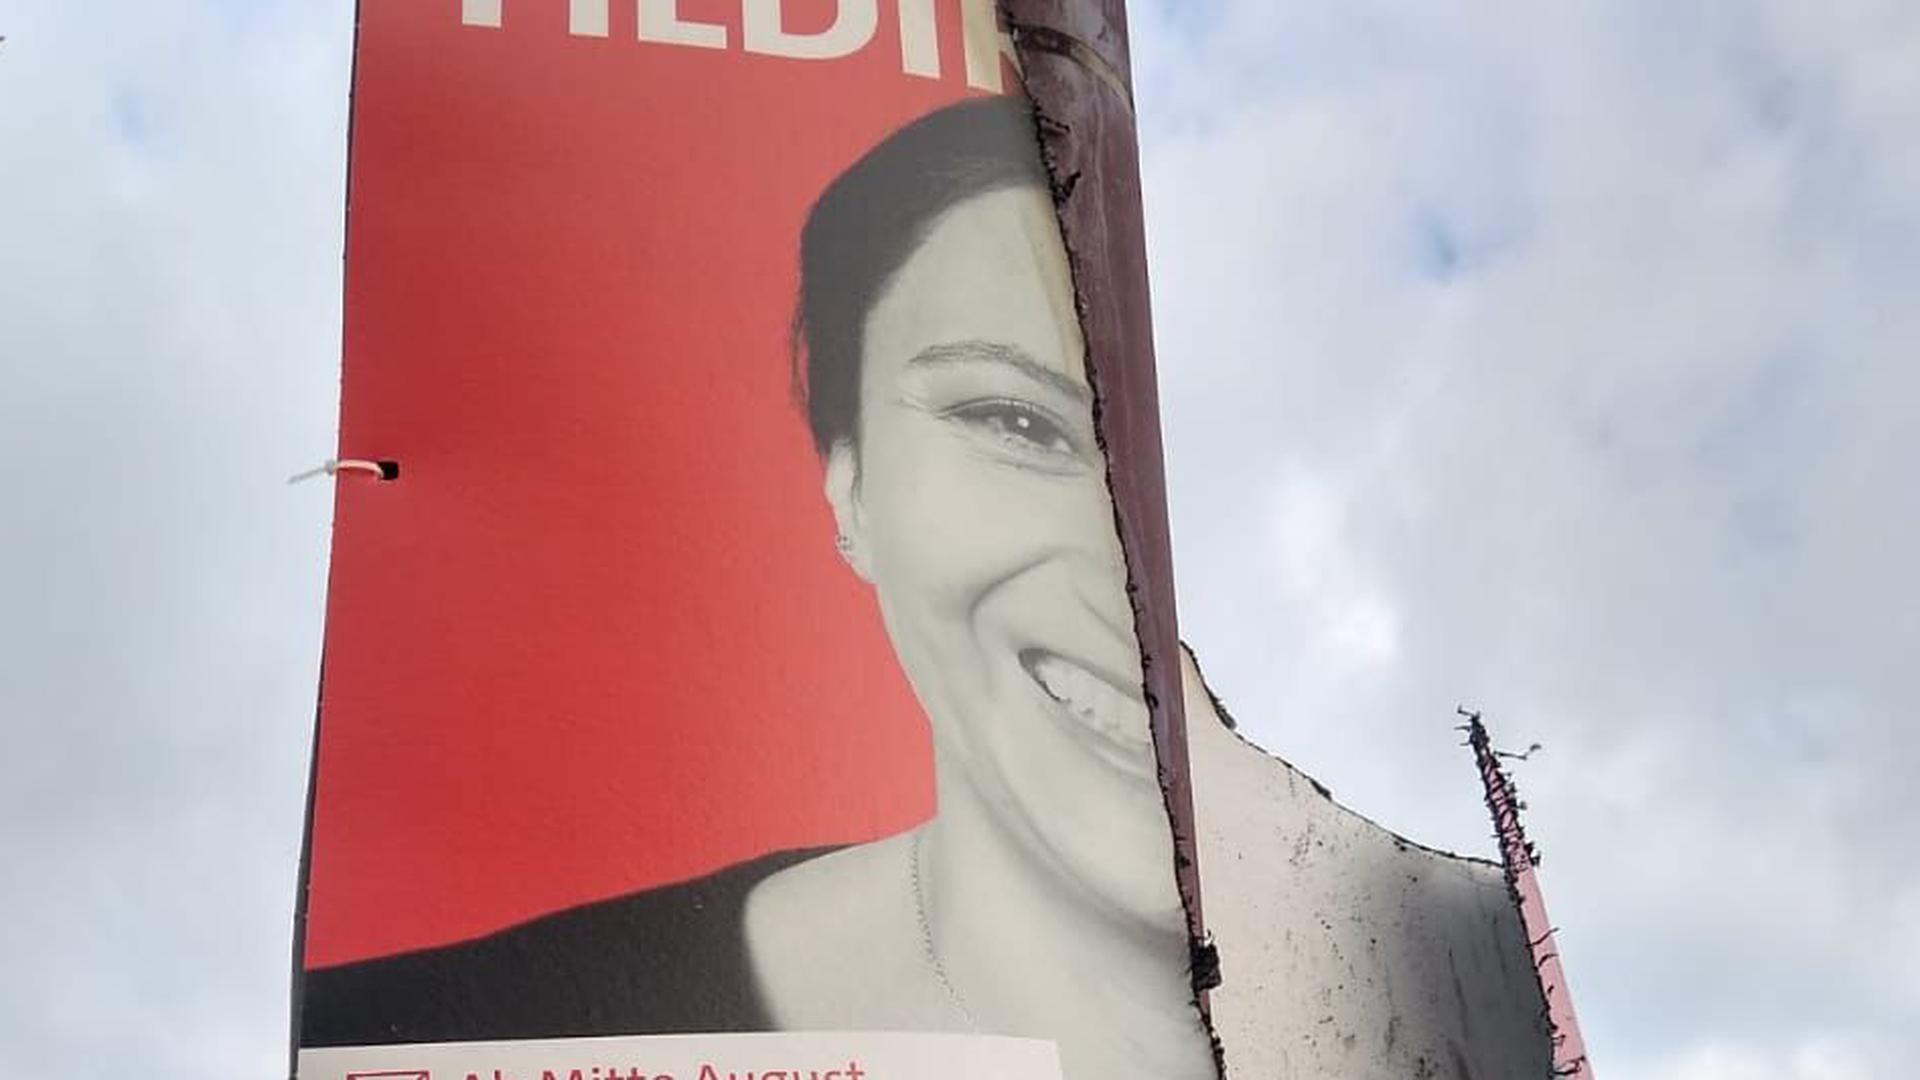 Ebenfalls angekokelt: Ein Wahlplakat der SPD-Bundestagskandidatin für den Wahlkreis Bruchsal-Schwetzingen, Neza Yildirim.